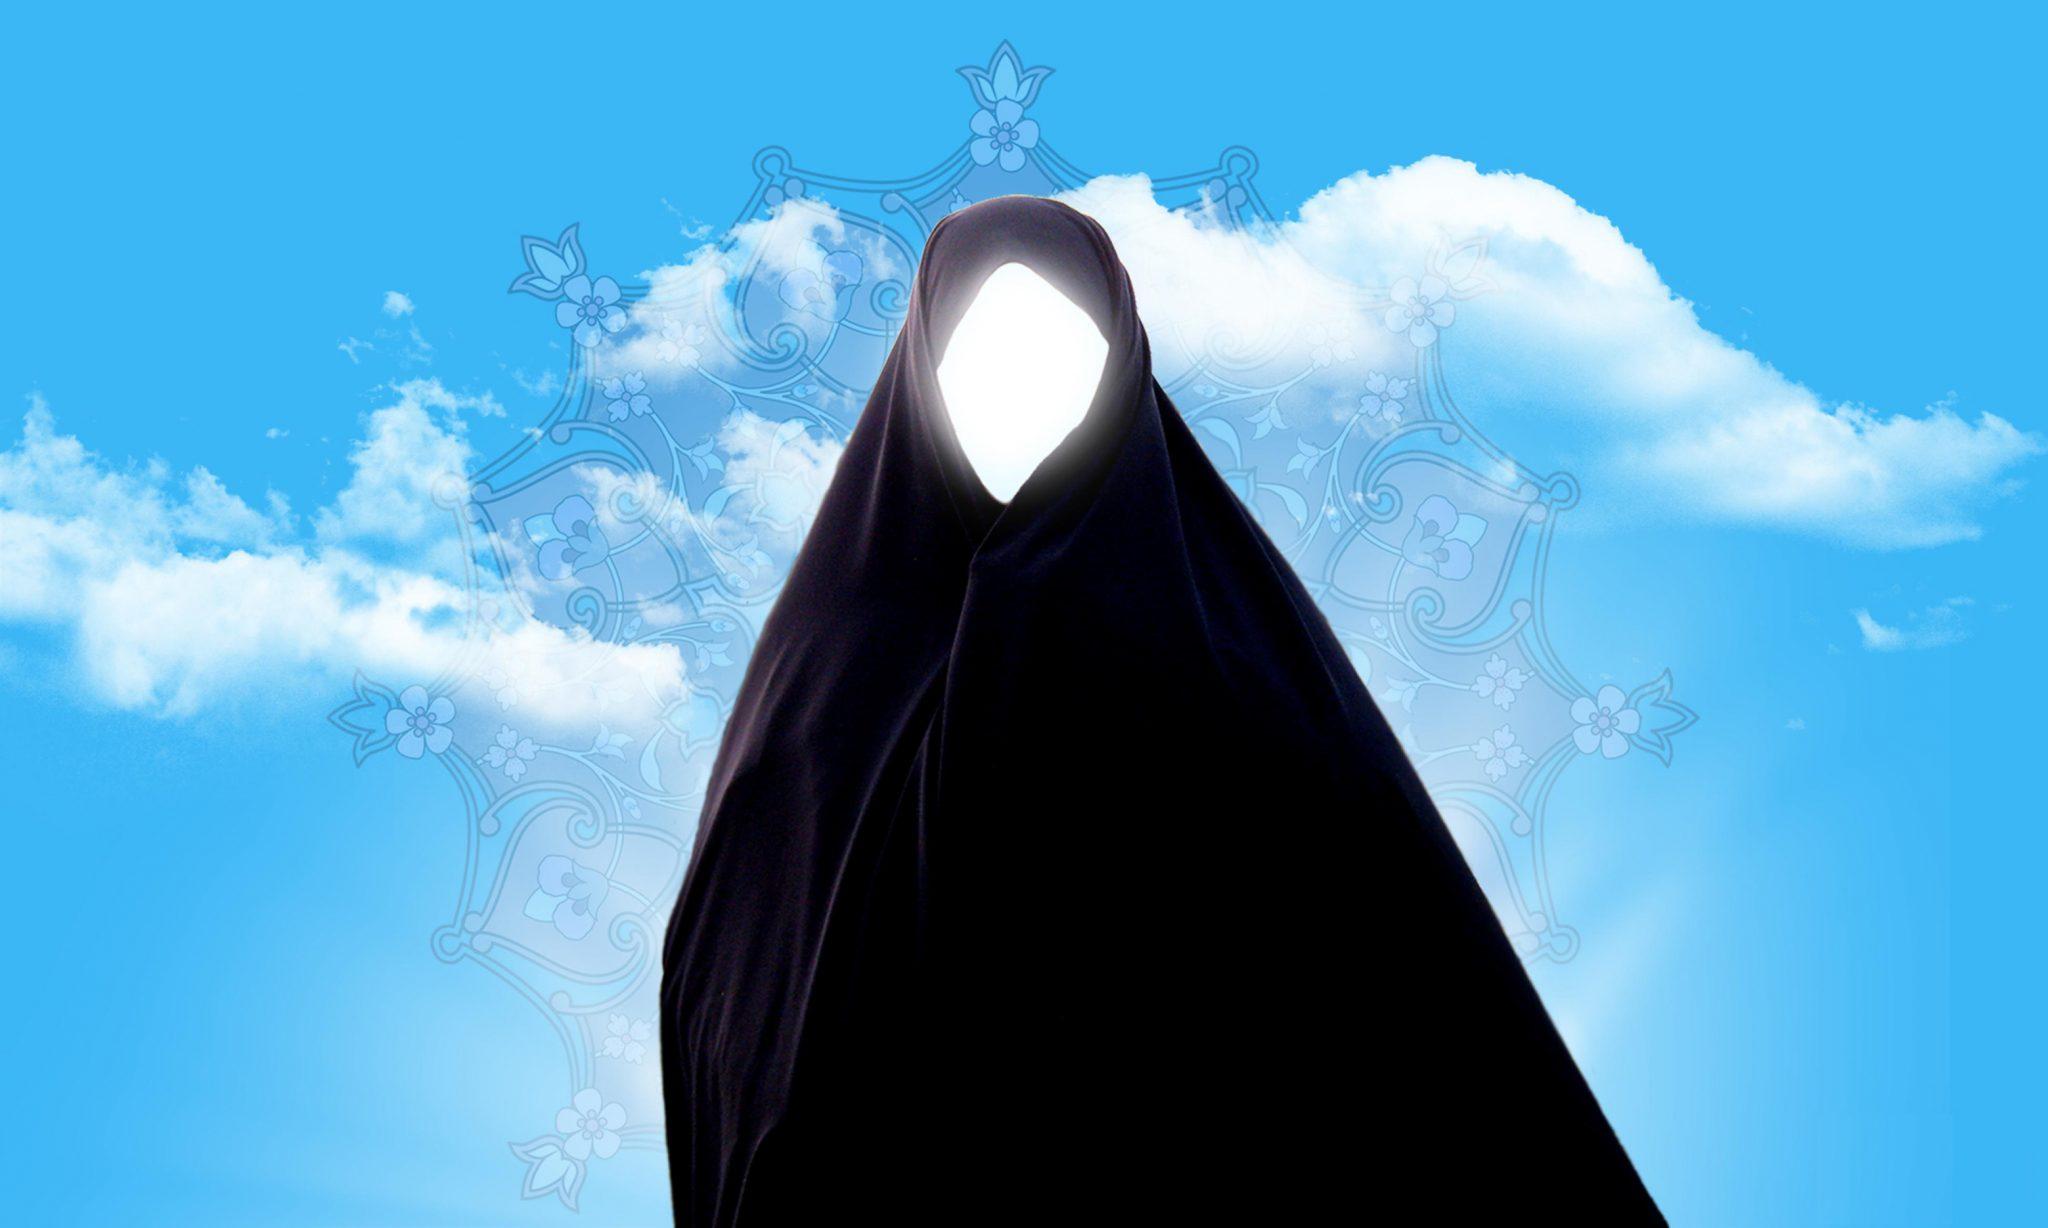 لباس از نگاه قرآن و عترت-آگاهی مصرف-درست مصرف کنیم